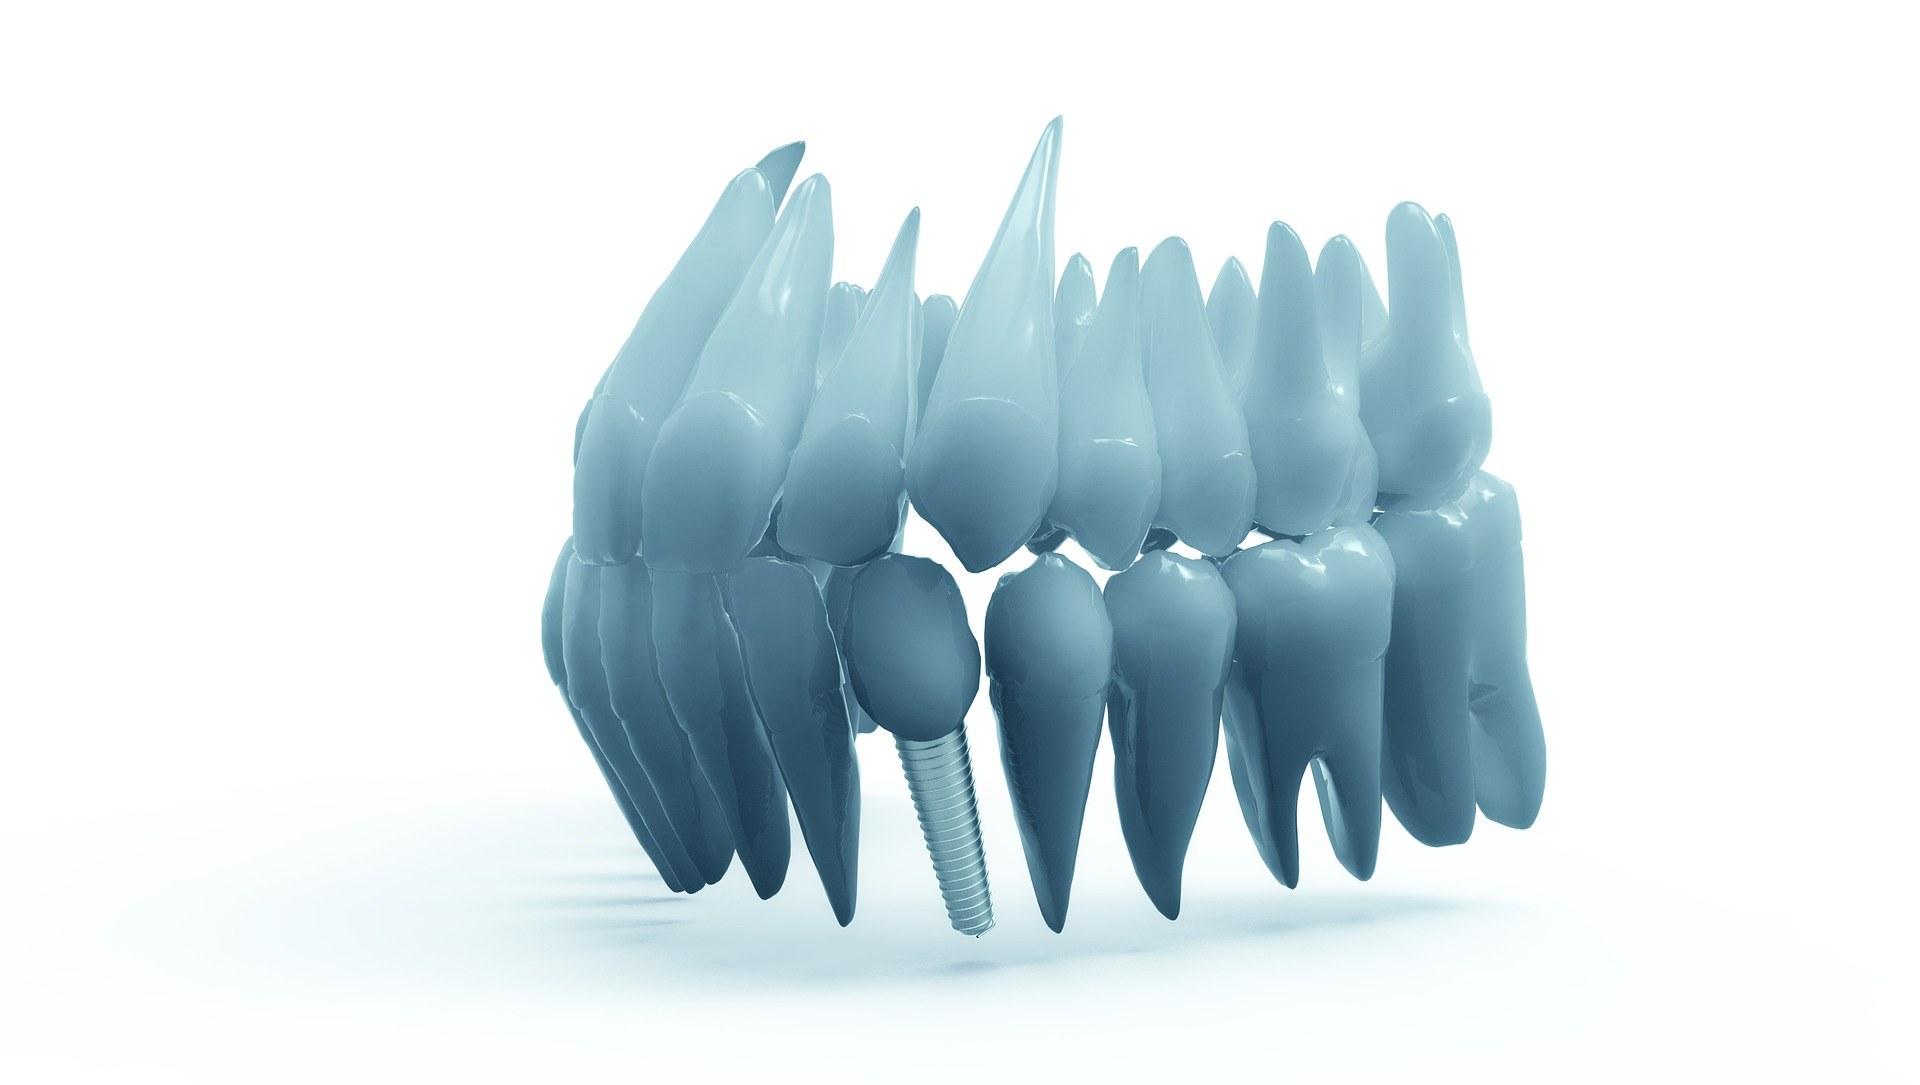 Implantate: Mikrotechnologie verbessert Heilungsprozess